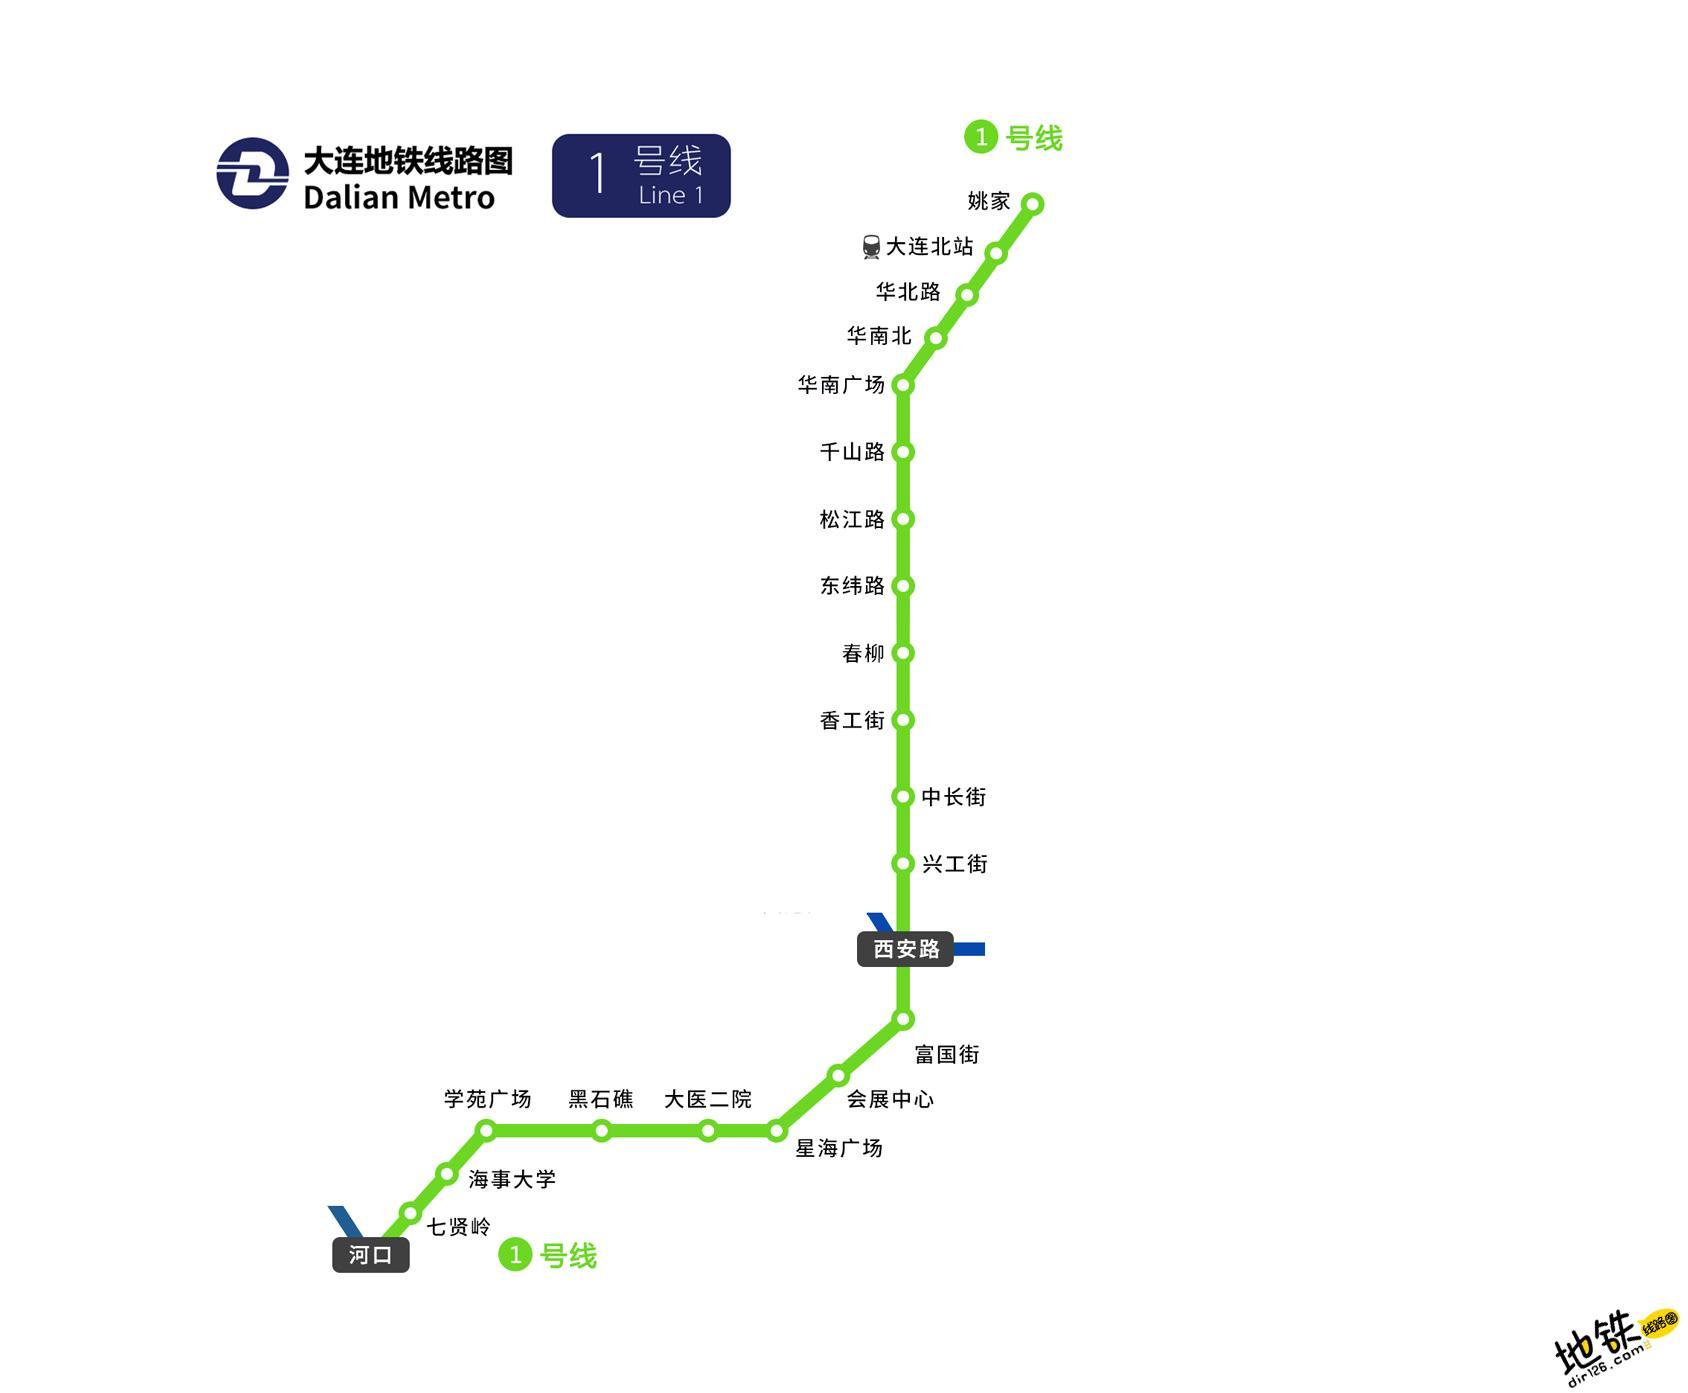 大连地铁1号线线路图 运营时间票价站点 查询下载 大连地铁1号线查询 大连地铁1号线运营时间 大连地铁1号线线路图 大连地铁1号线 大连地铁一号线 大连地铁线路图  第2张